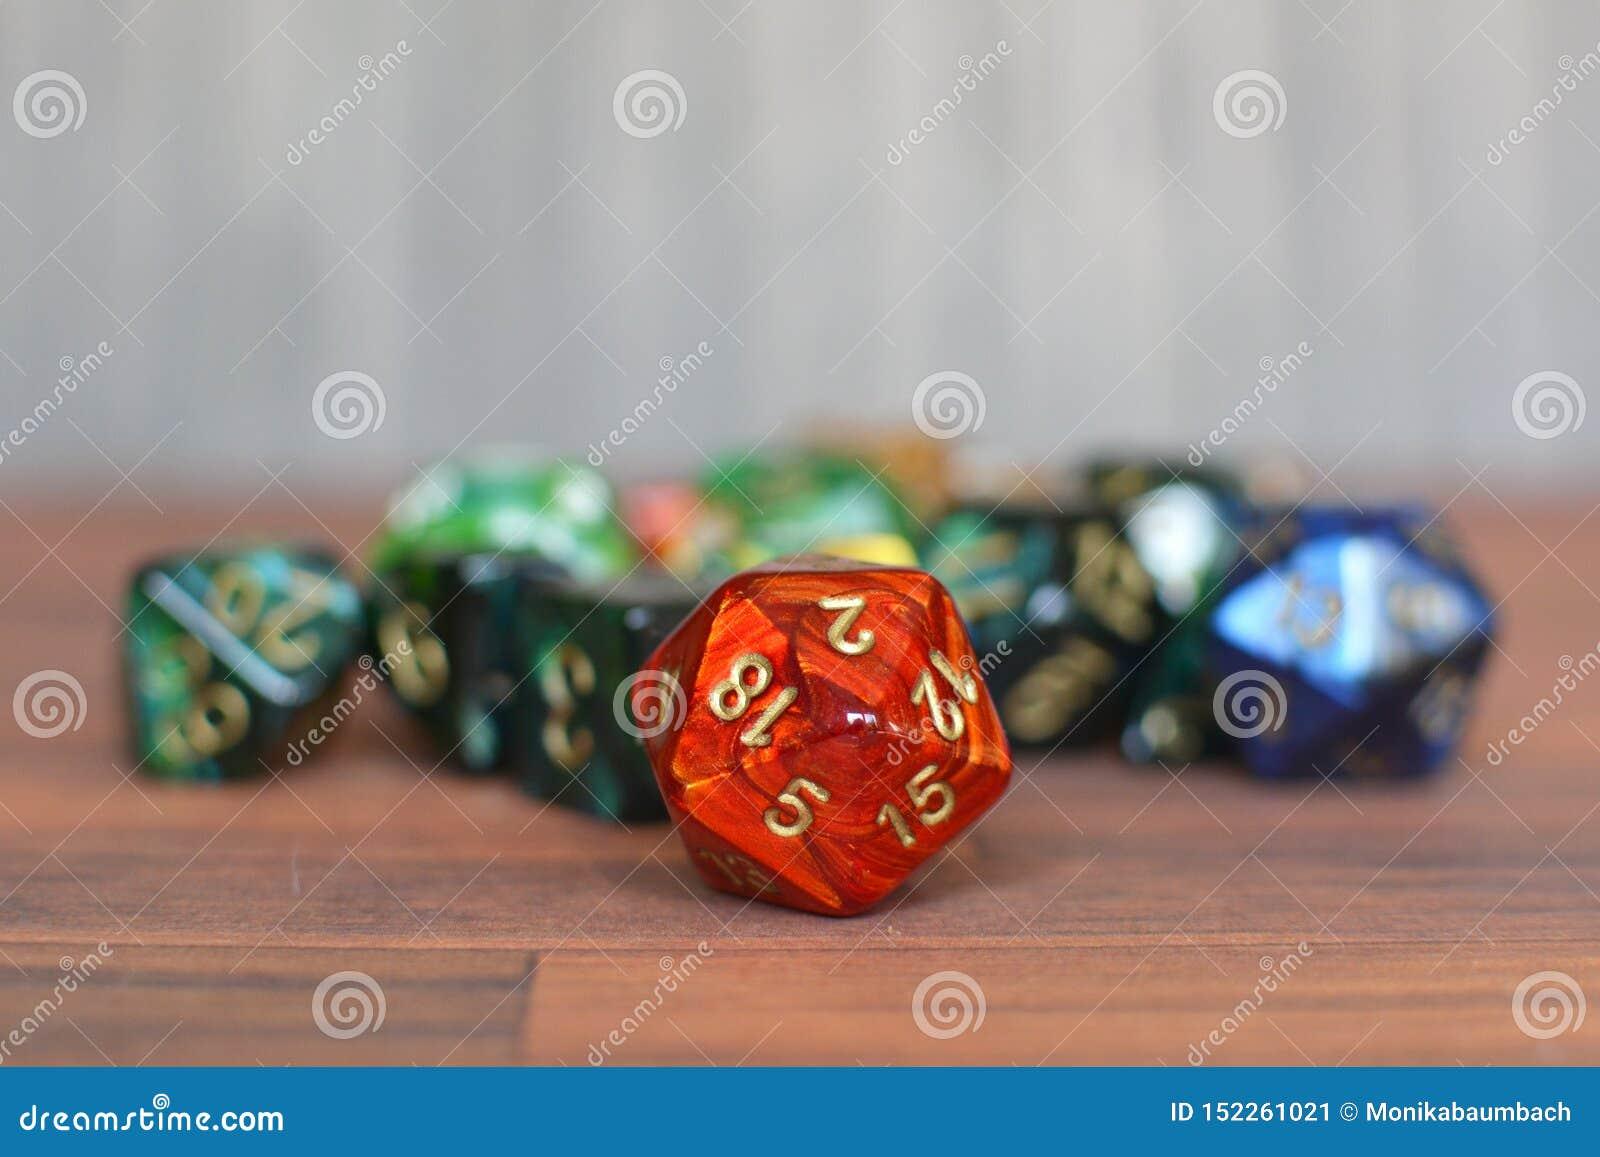 Bunte Rote, Grüne und bue Rollenspielwürfel auf Tabelle mit undeutlichem Hintergrund